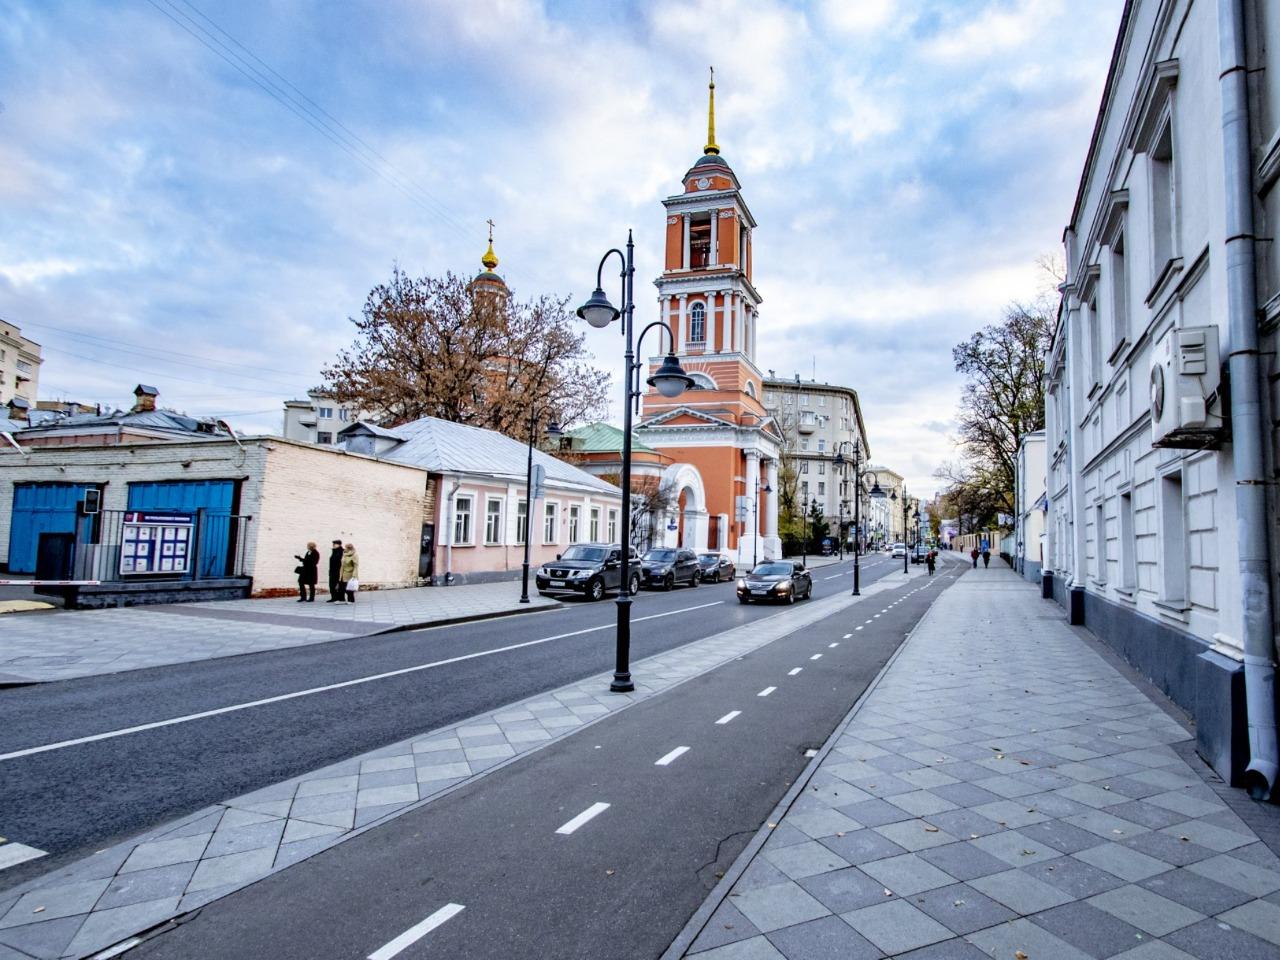 Прогулка по Замоскворечью - индивидуальная экскурсия по Москве от опытного гида